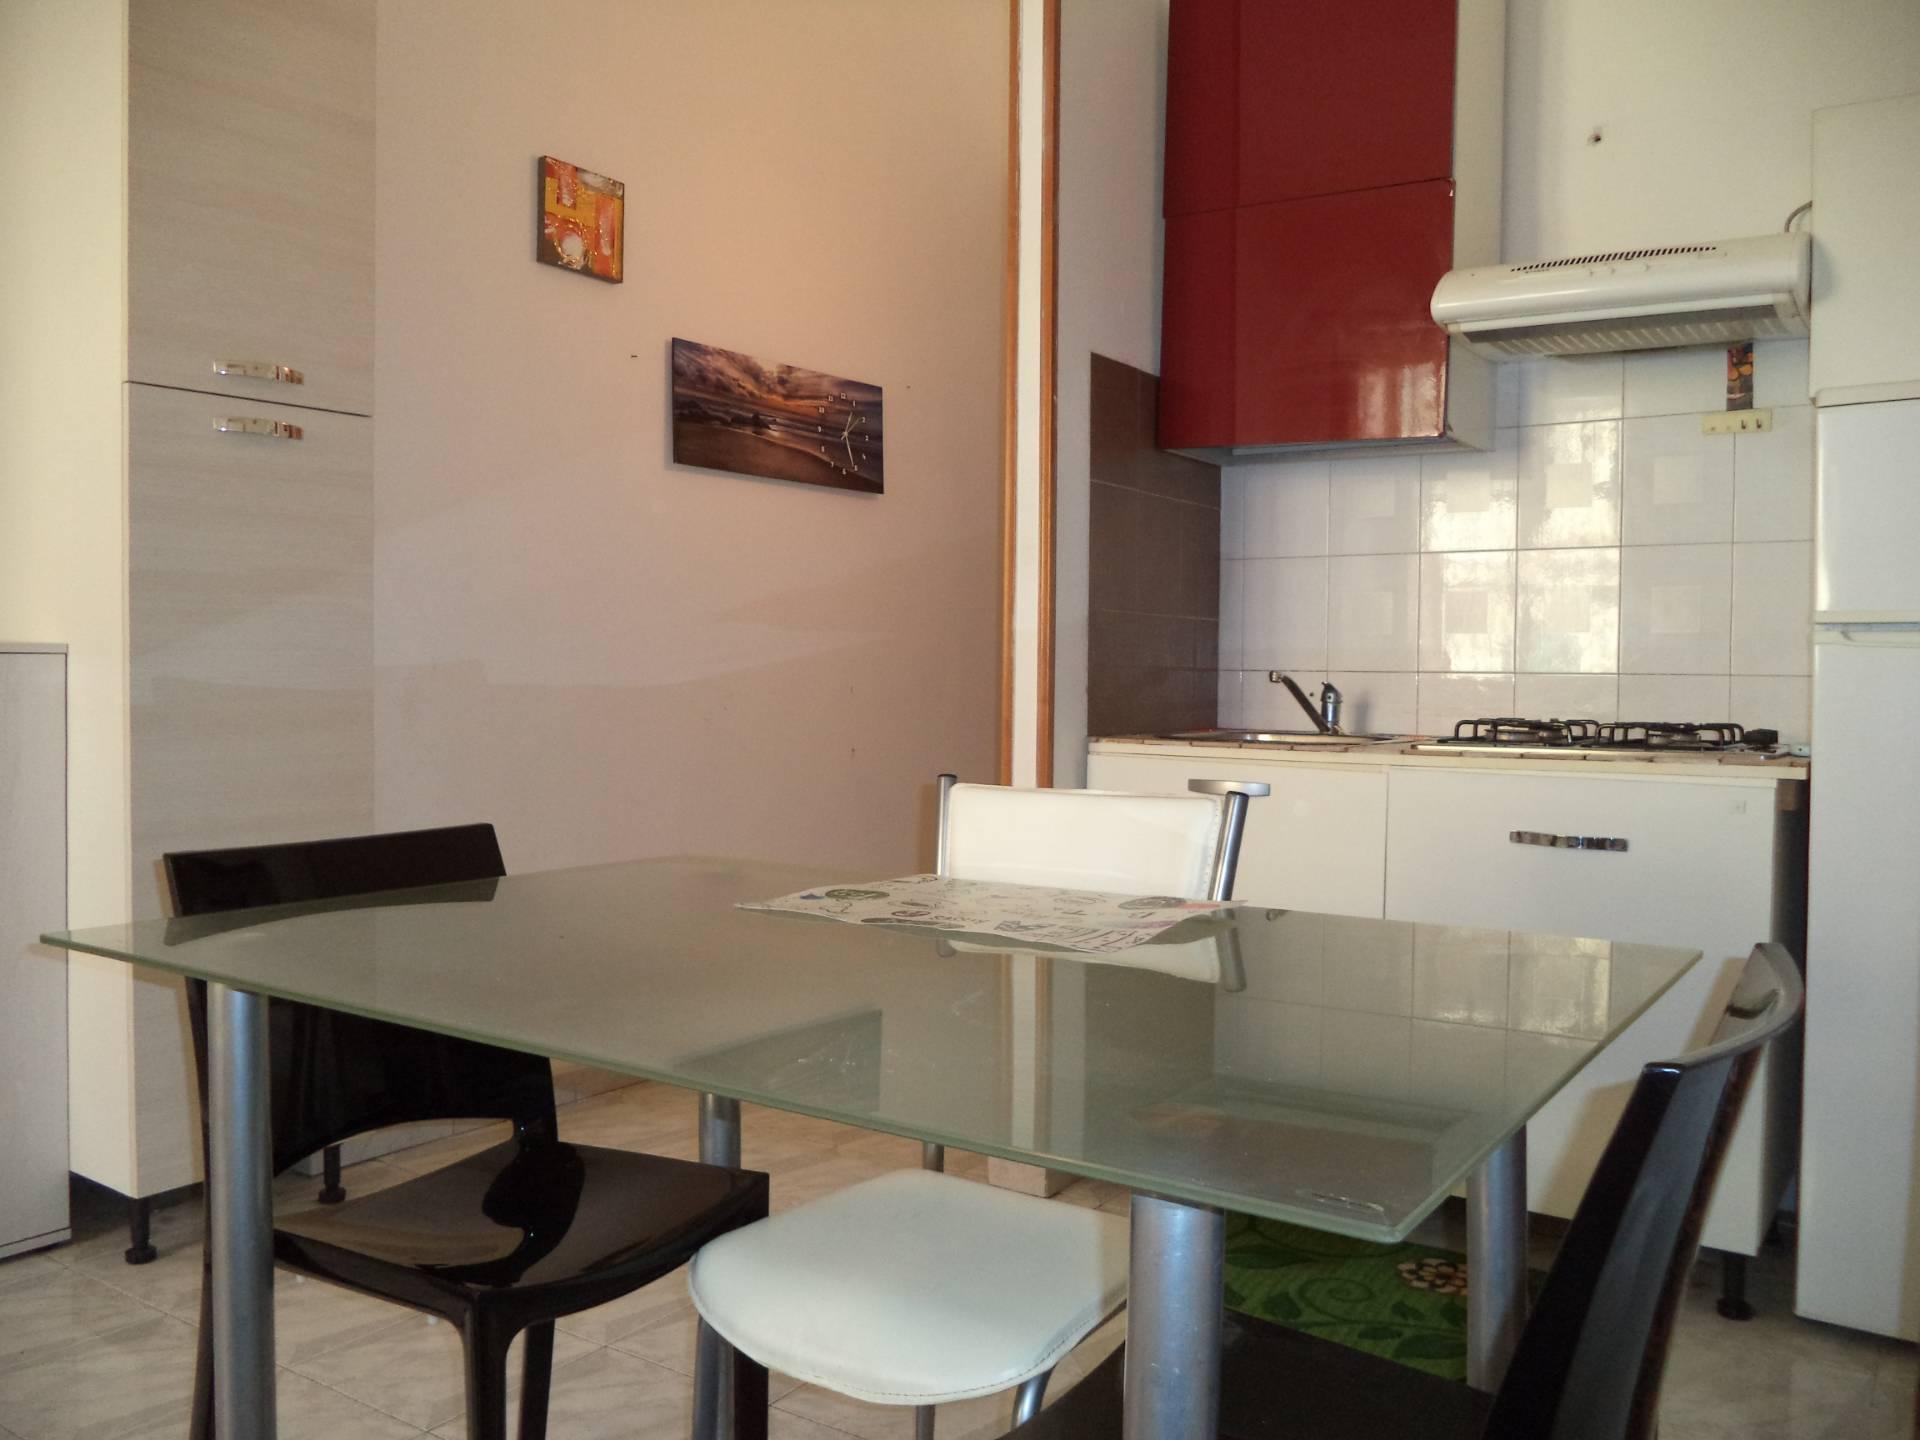 Appartamento in affitto a Palermo, 1 locali, zona Località: CorsoTukory, prezzo € 350   CambioCasa.it